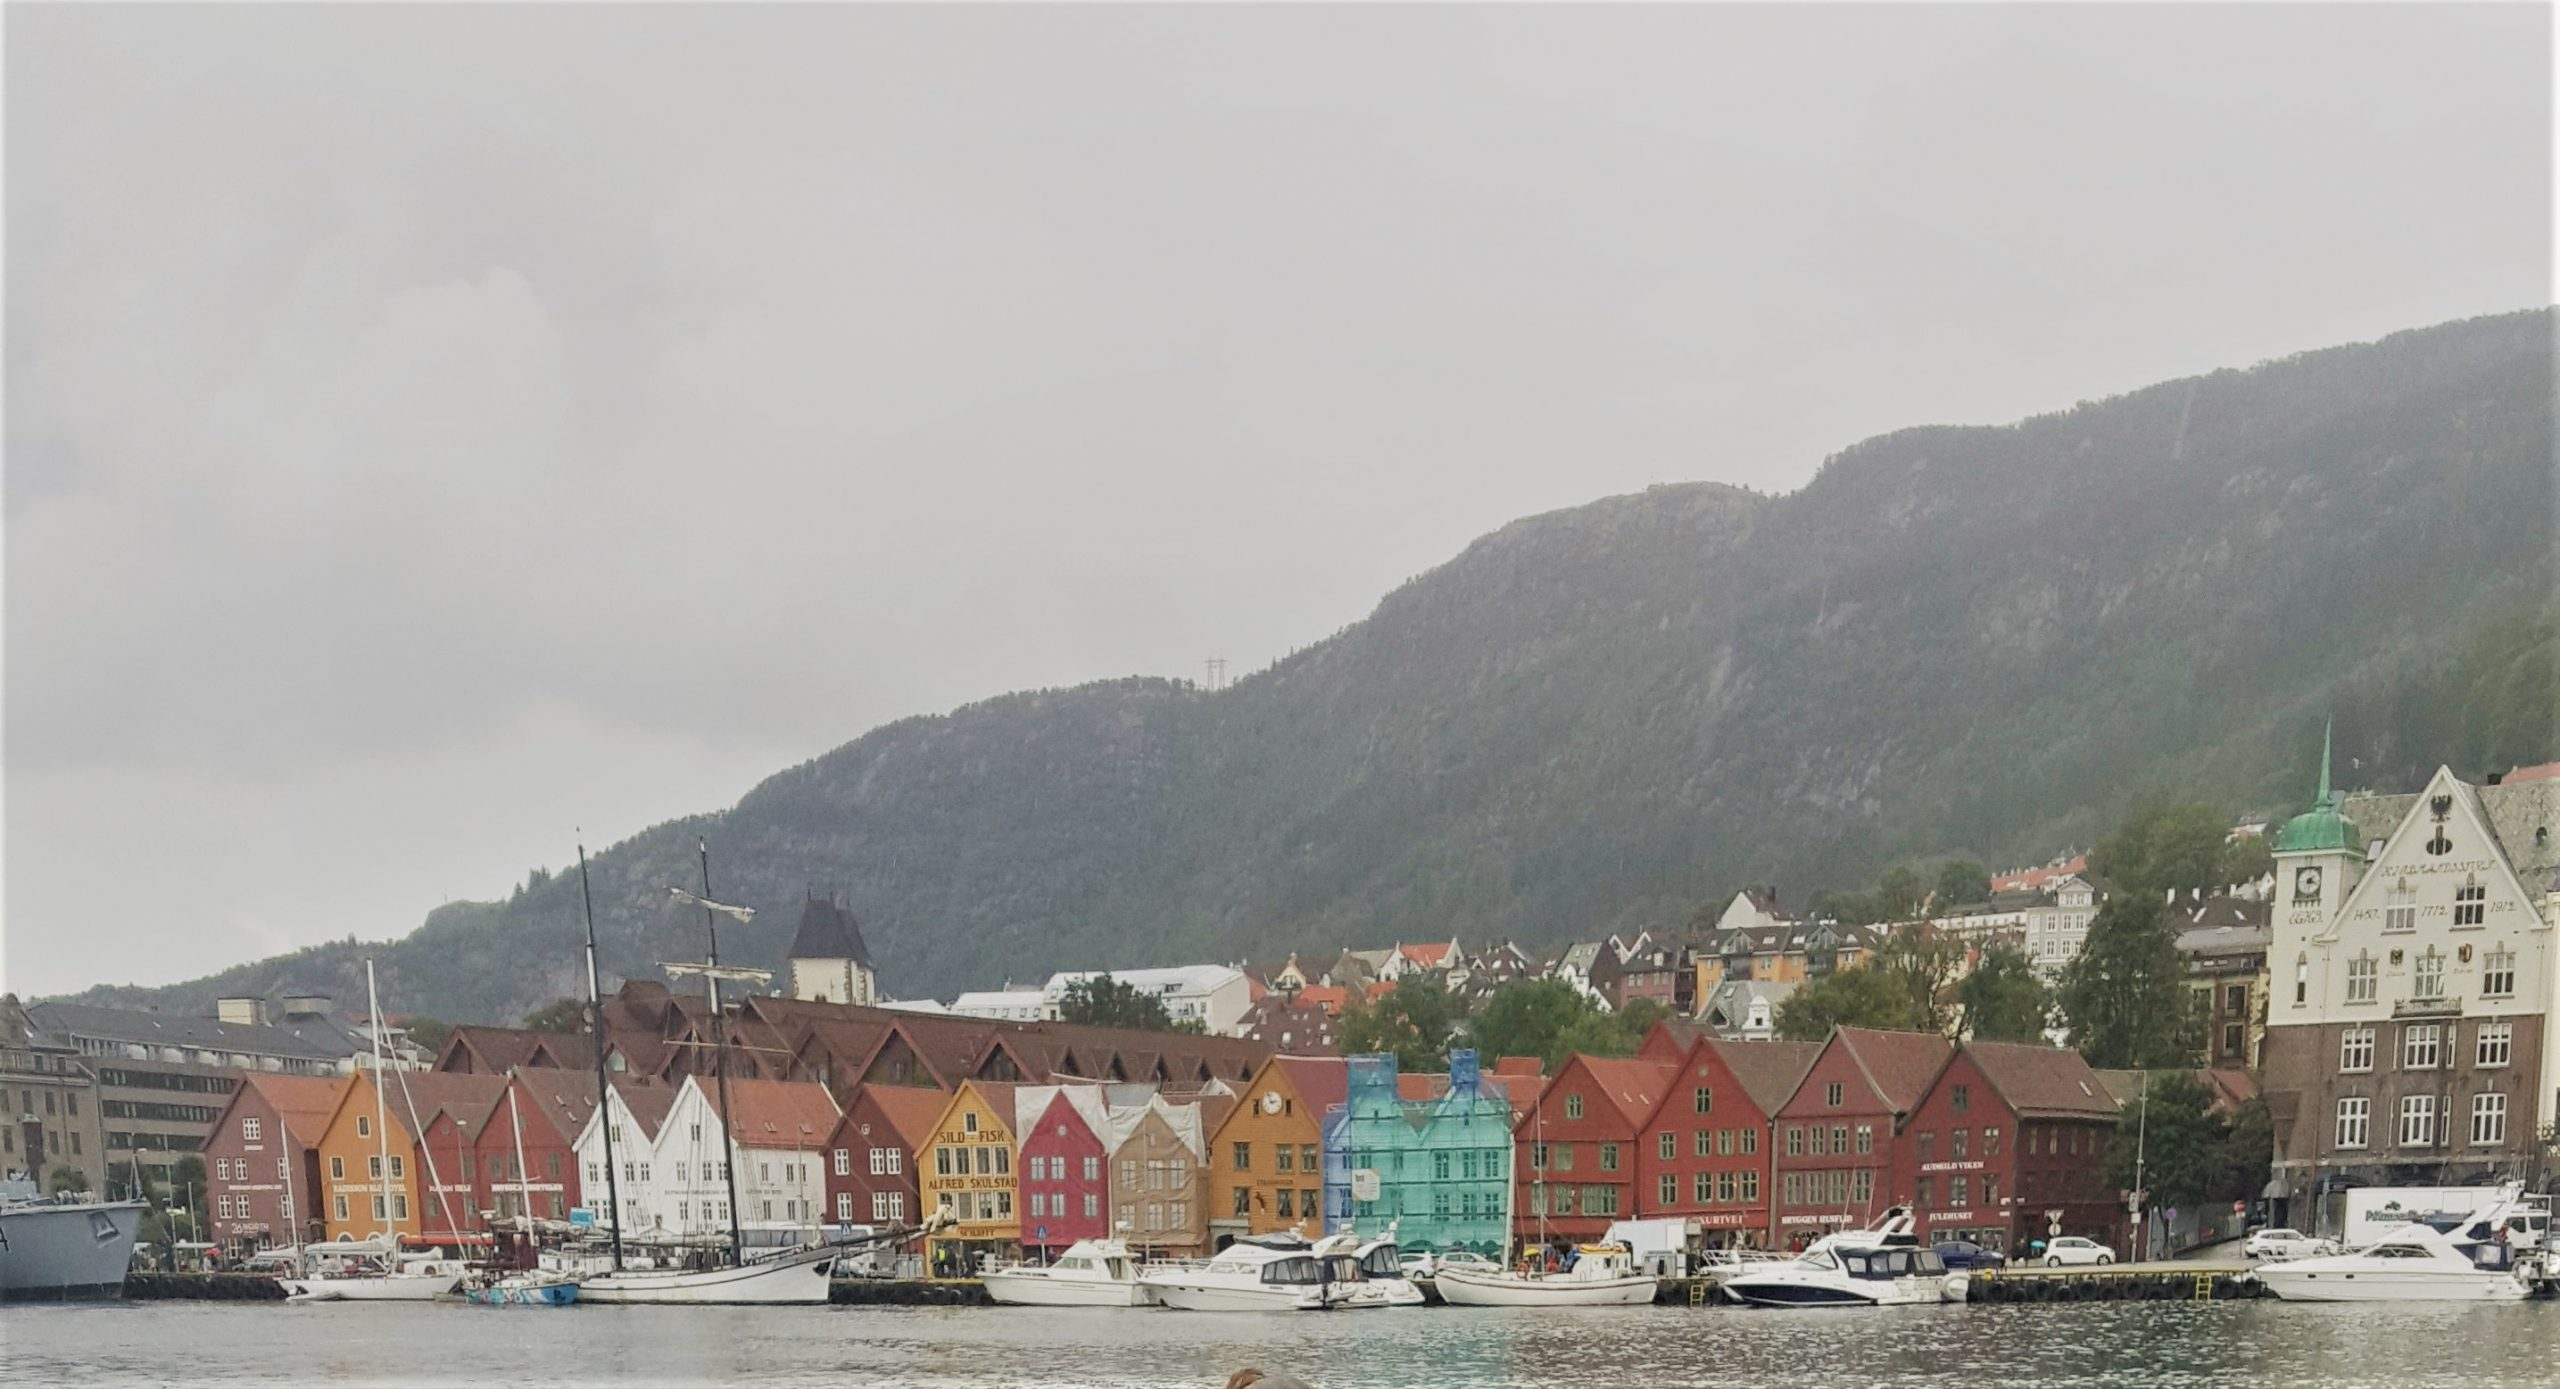 Stedentrip naar Bergen, Noorwegen